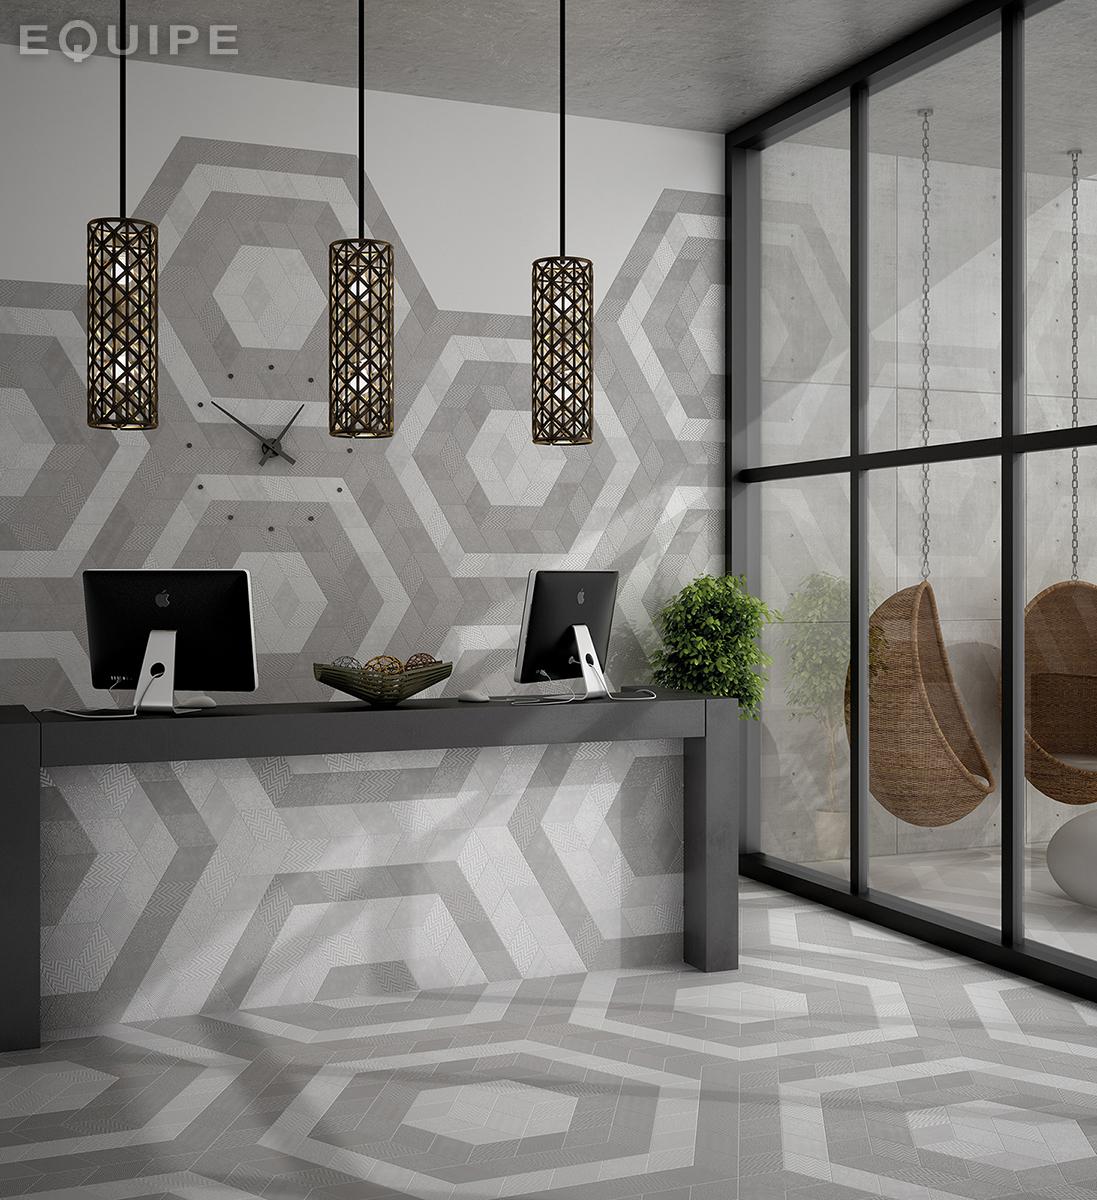 carreau losange blanc gris z as de carreaux le blog. Black Bedroom Furniture Sets. Home Design Ideas